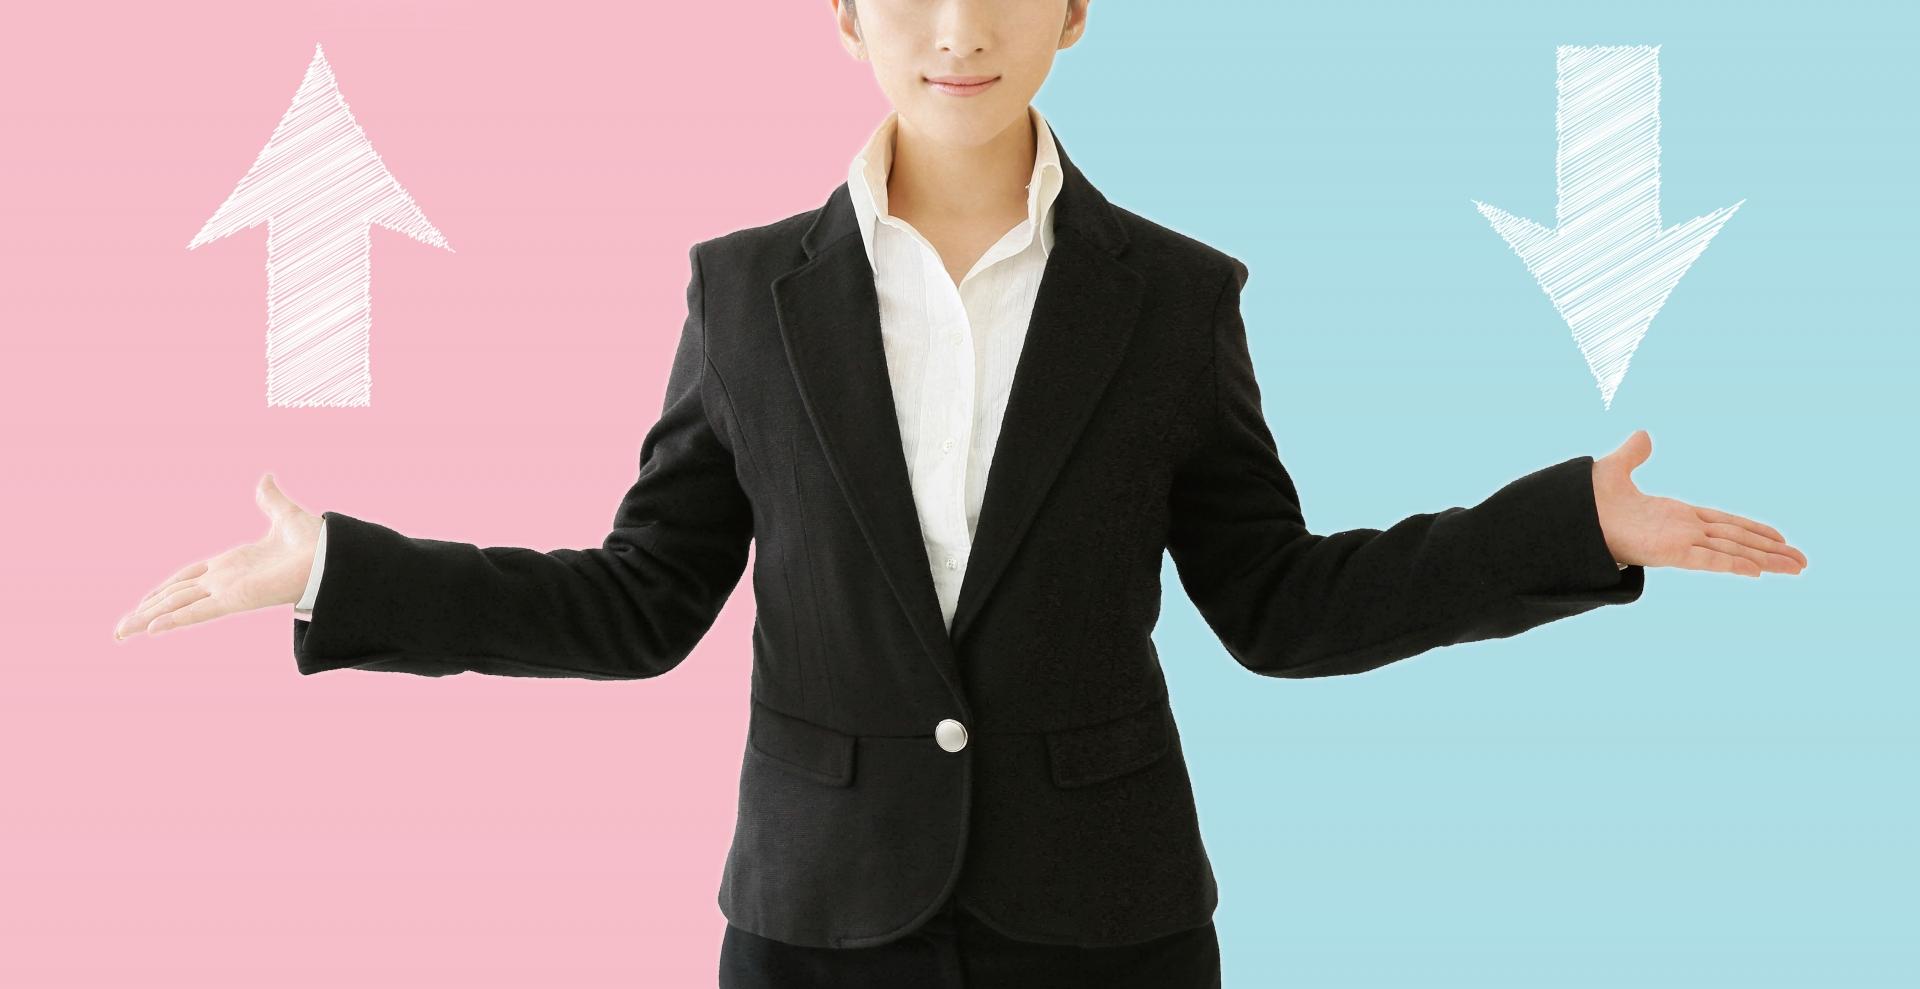 トップセールスマン7つの共通項・・・売れる営業・売れない営業の違いとは?_比較